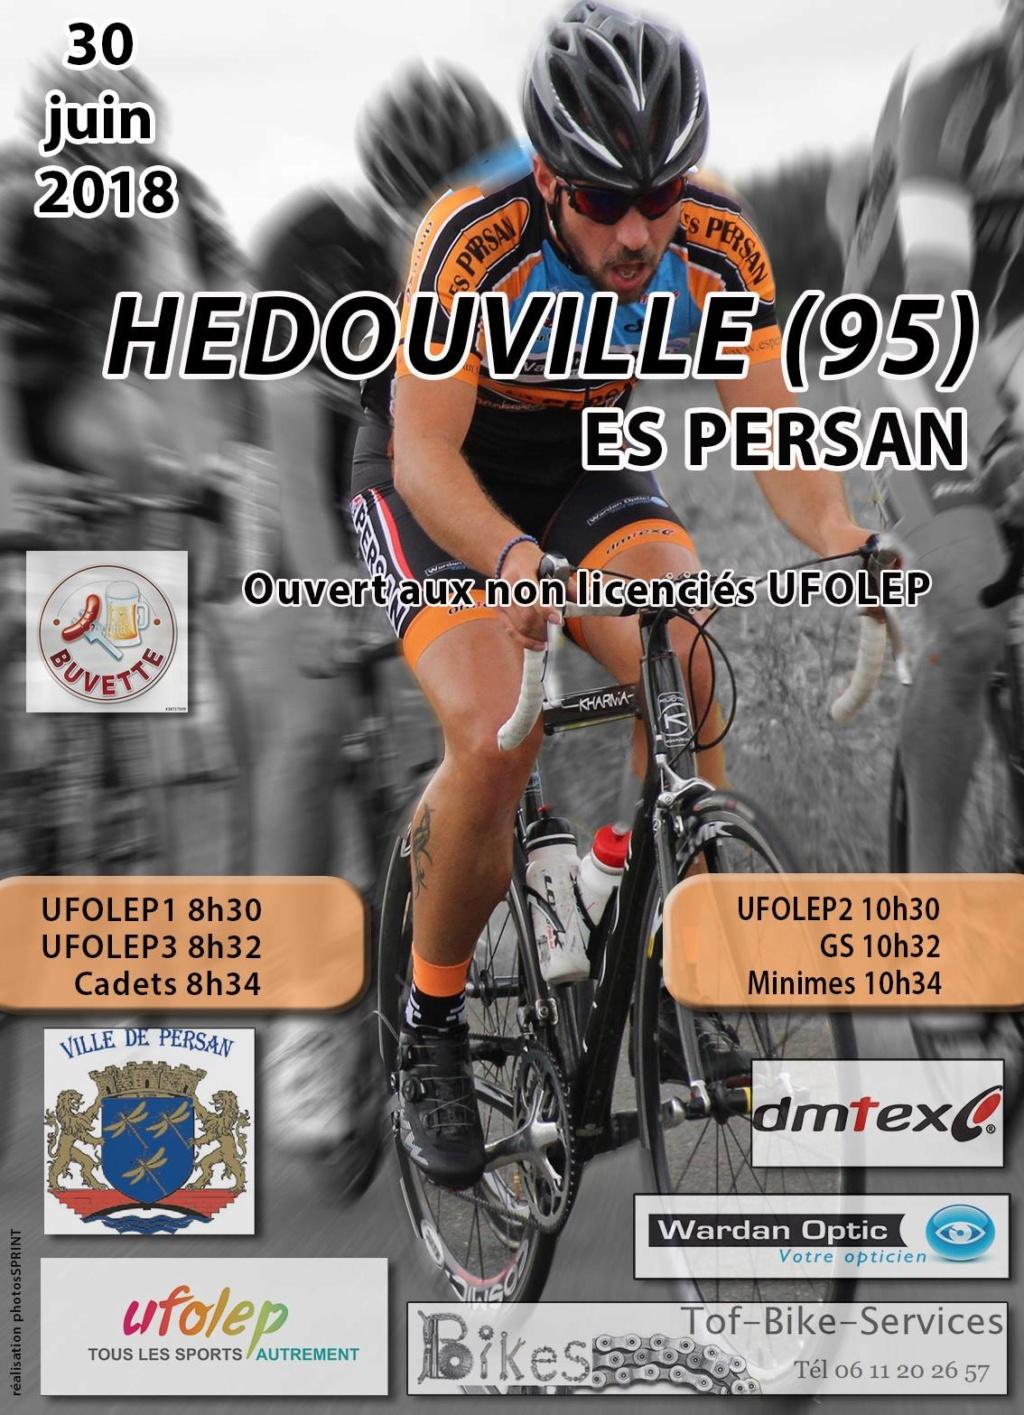 Hédouville (95) - UFOLEP Hedouv10